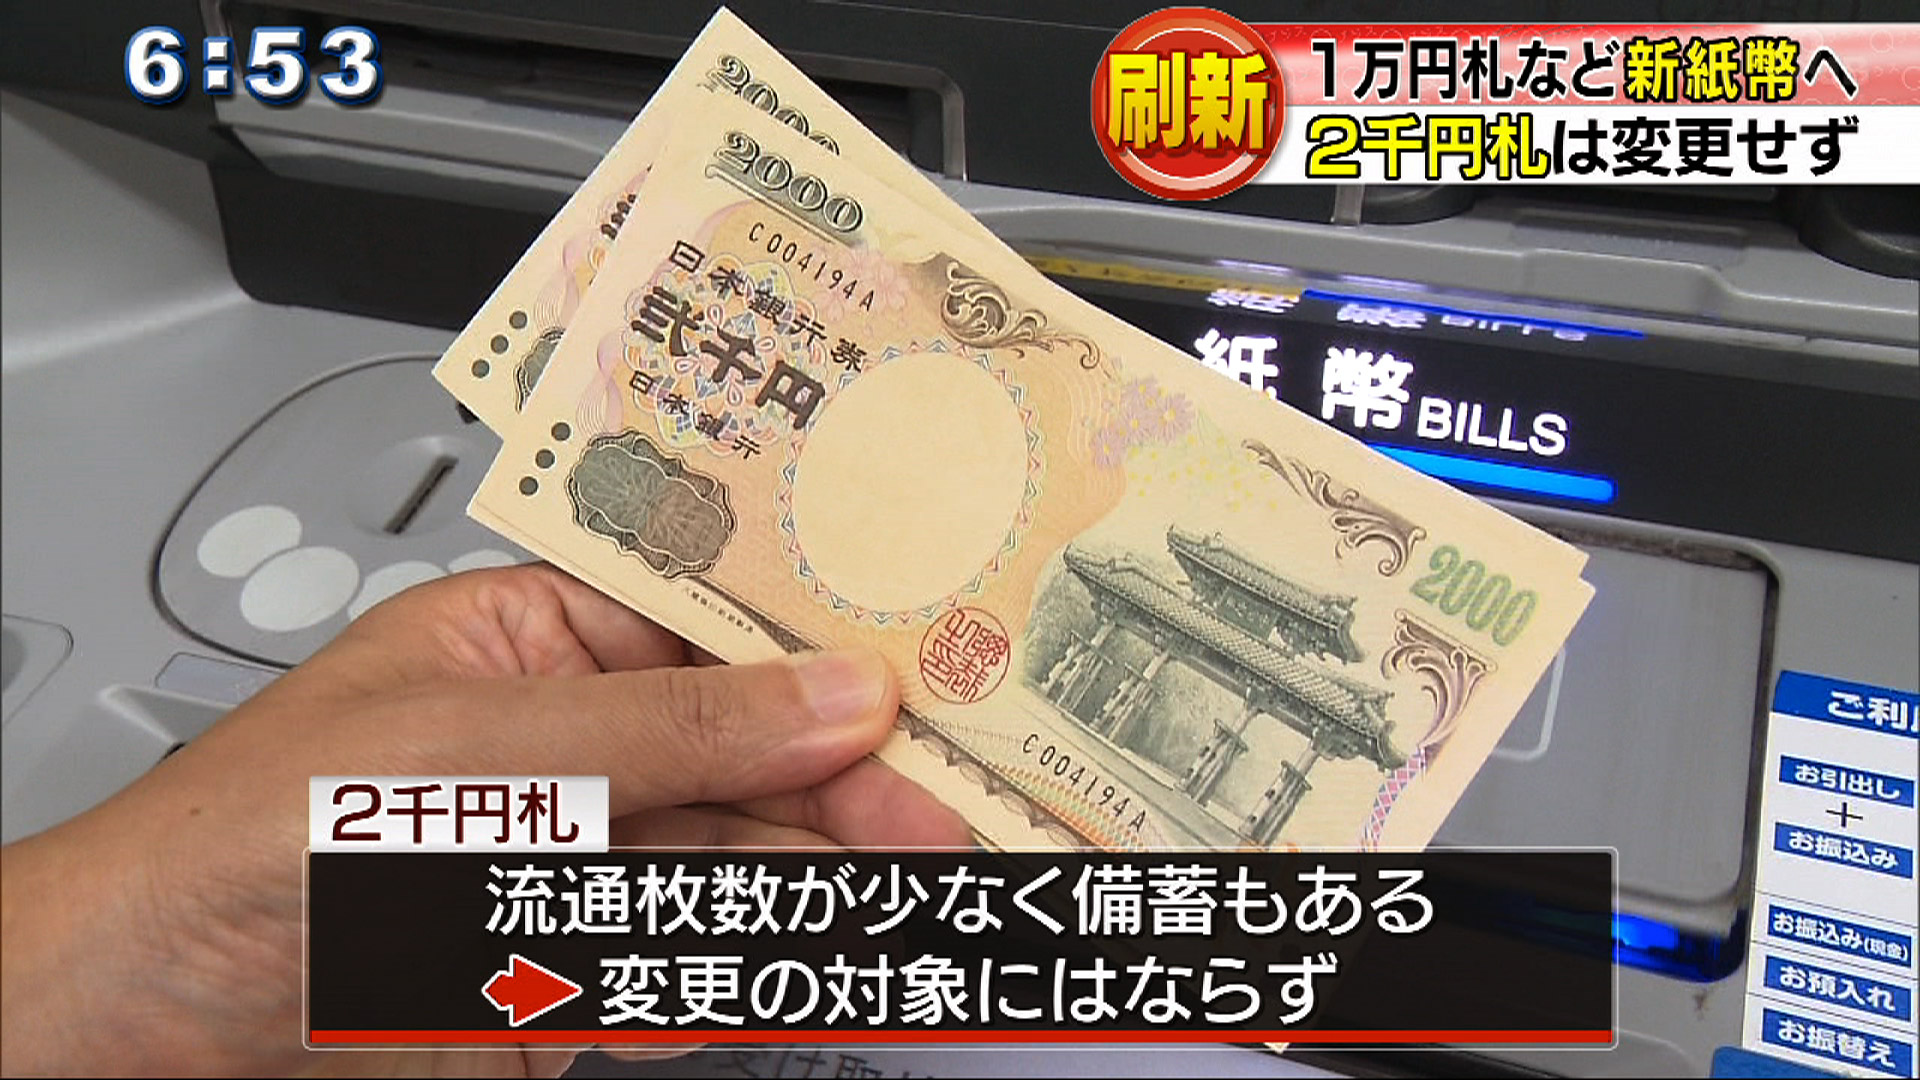 政府が紙幣刷新を発表 2千円札はそのまま